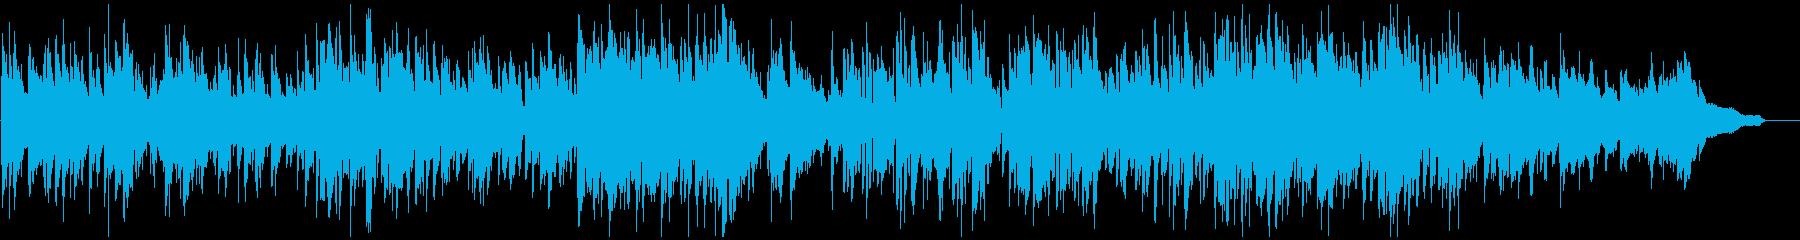 クールでかっこいい系のボサノバ・ジャズの再生済みの波形